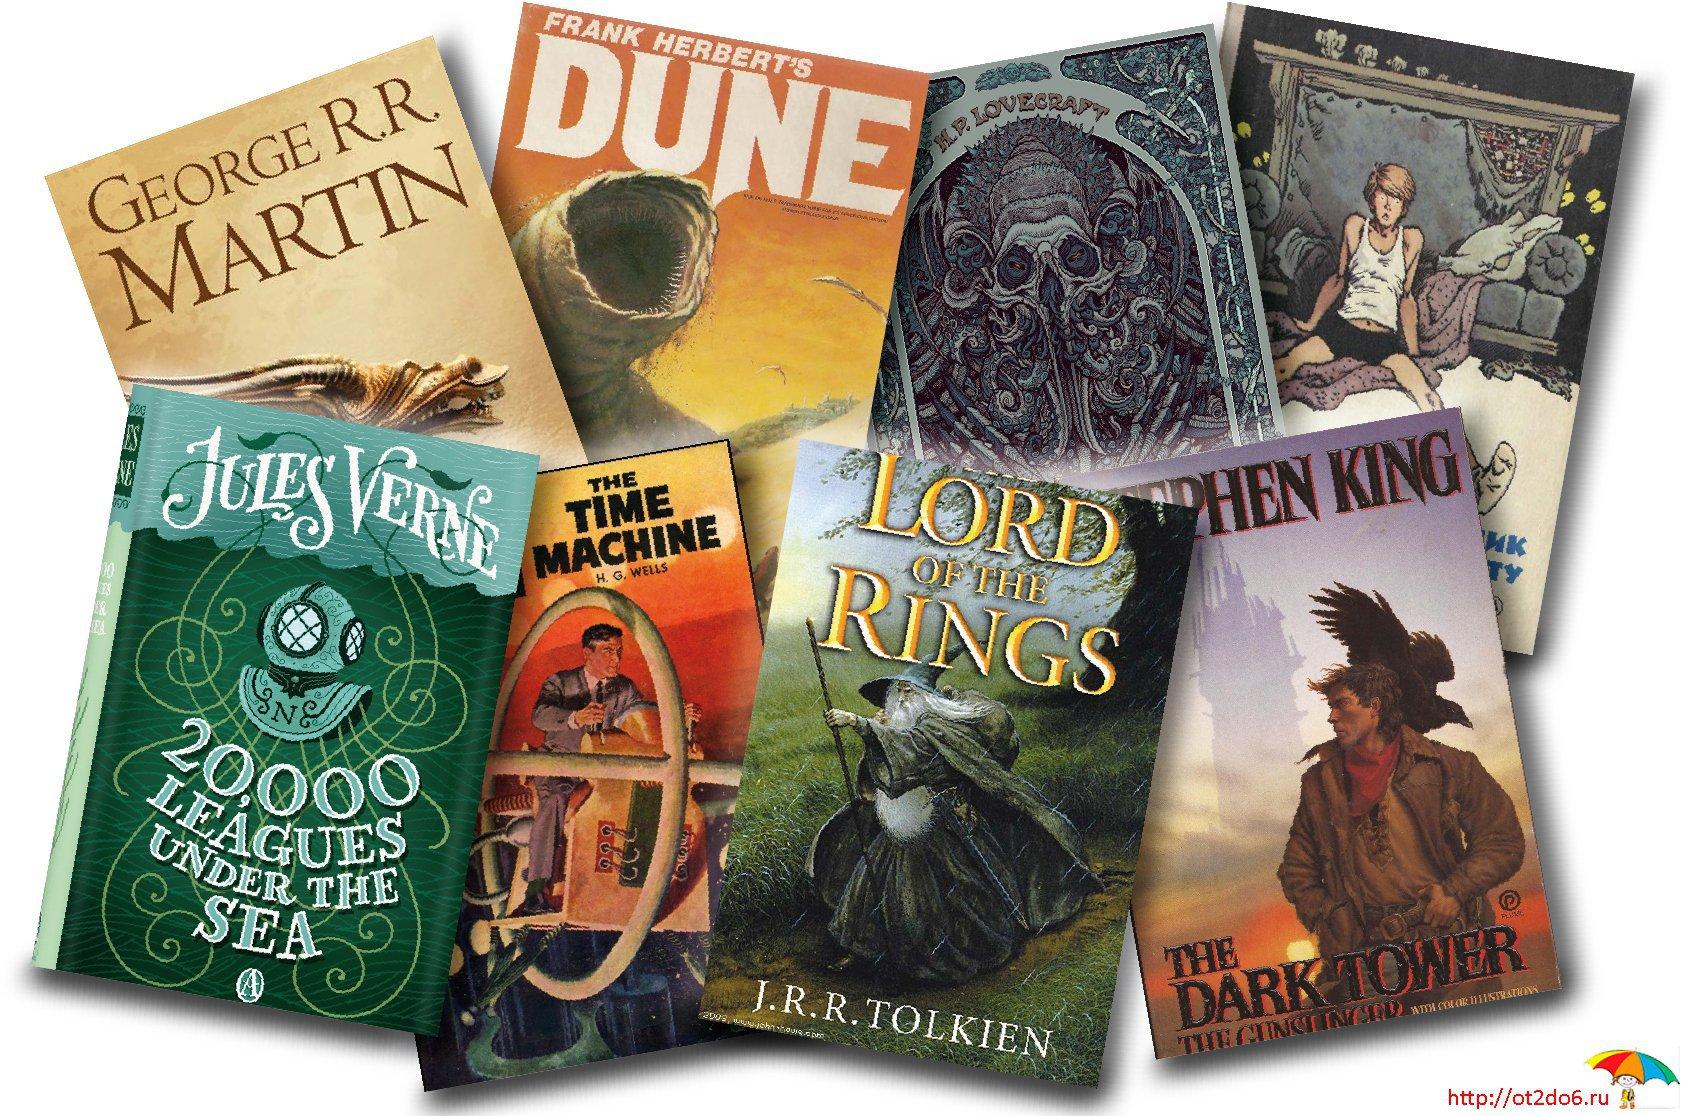 Зачем стоит читать фантастику?